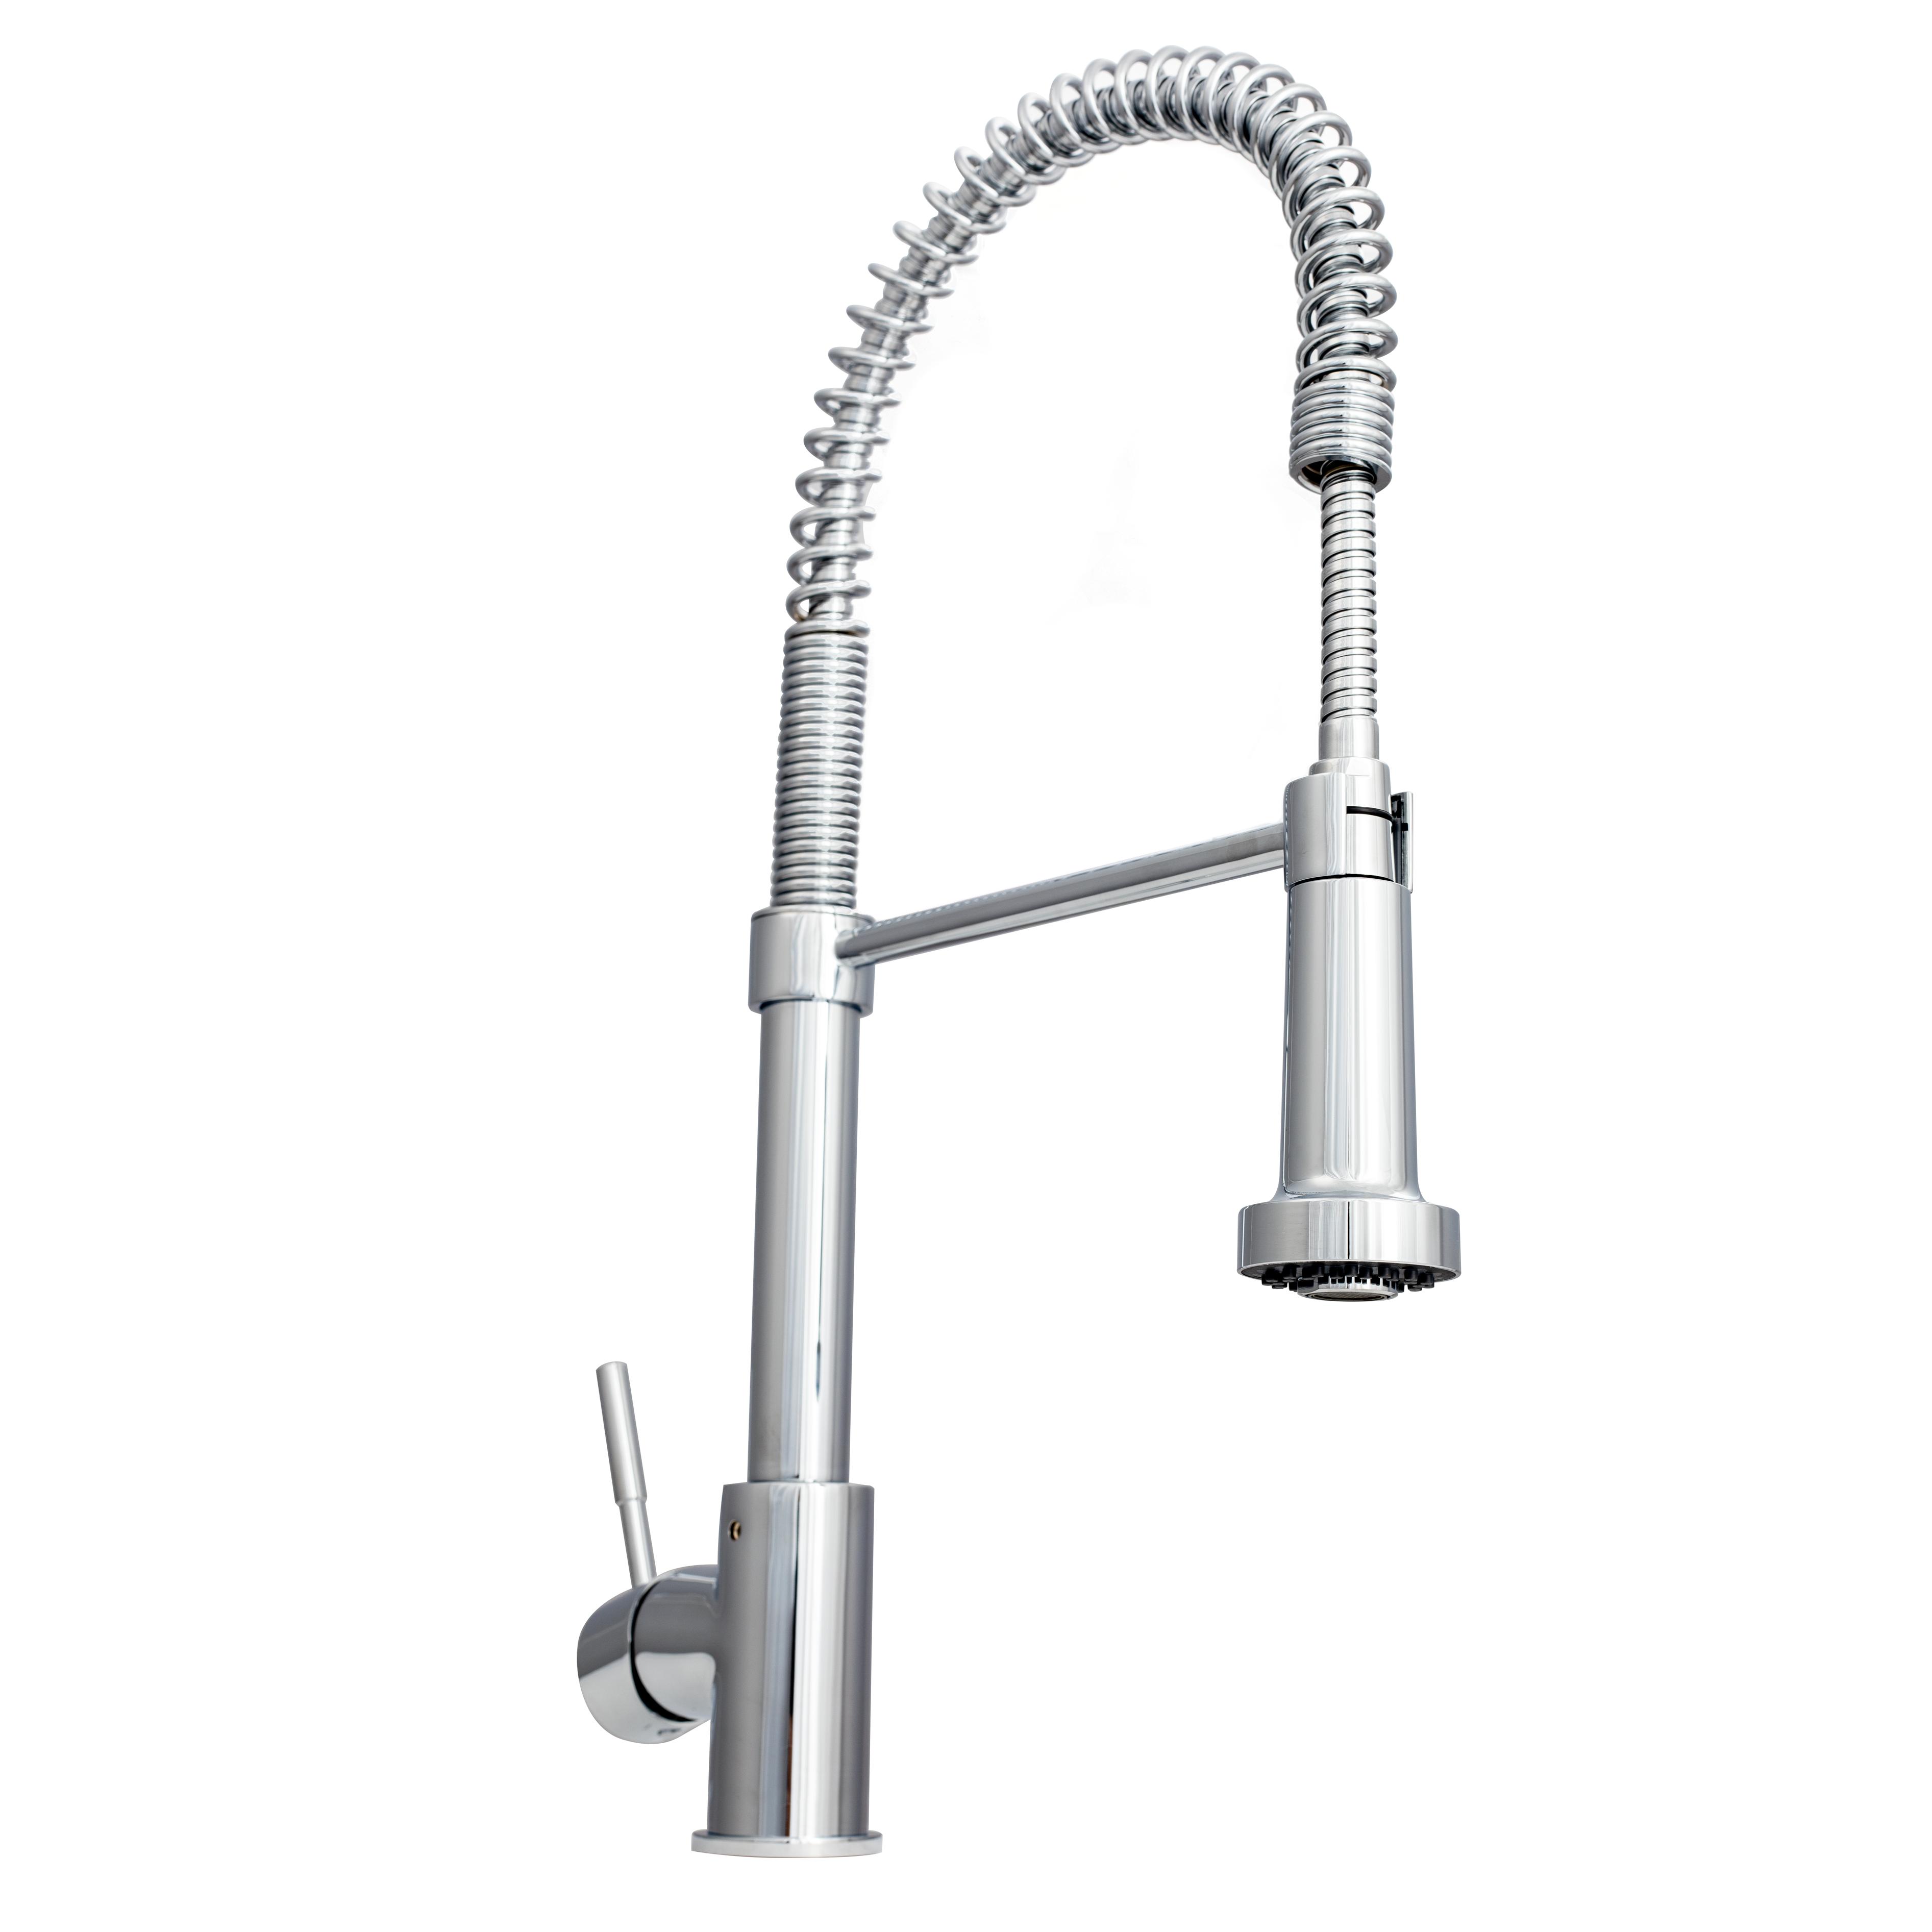 Zline Apollo Kitchen Faucet In Chrome Apl Kf Ch In 2020 Kitchen Faucet Single Handle Kitchen Faucet Kitchen Handles